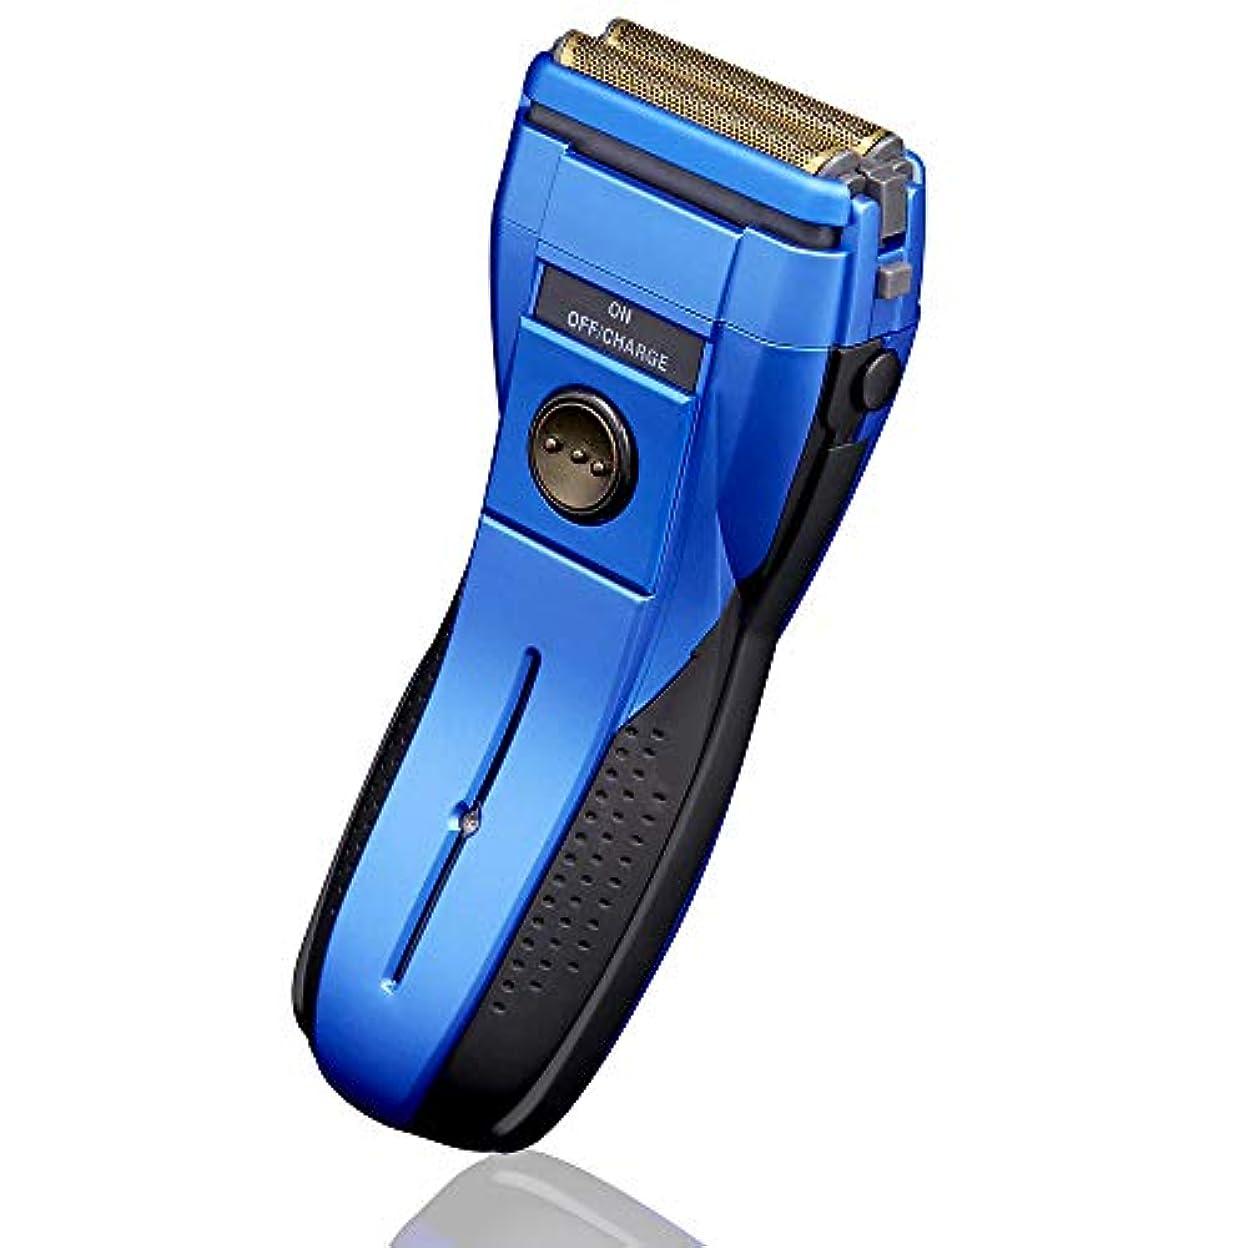 だますミッションノベルティ電気シェーバー 2枚刃 髭剃り メンズシェーバー 替え刃付属付き 水洗い対応 ウォッシャブル 充電式 独立フローティング2枚刃 (Blue)